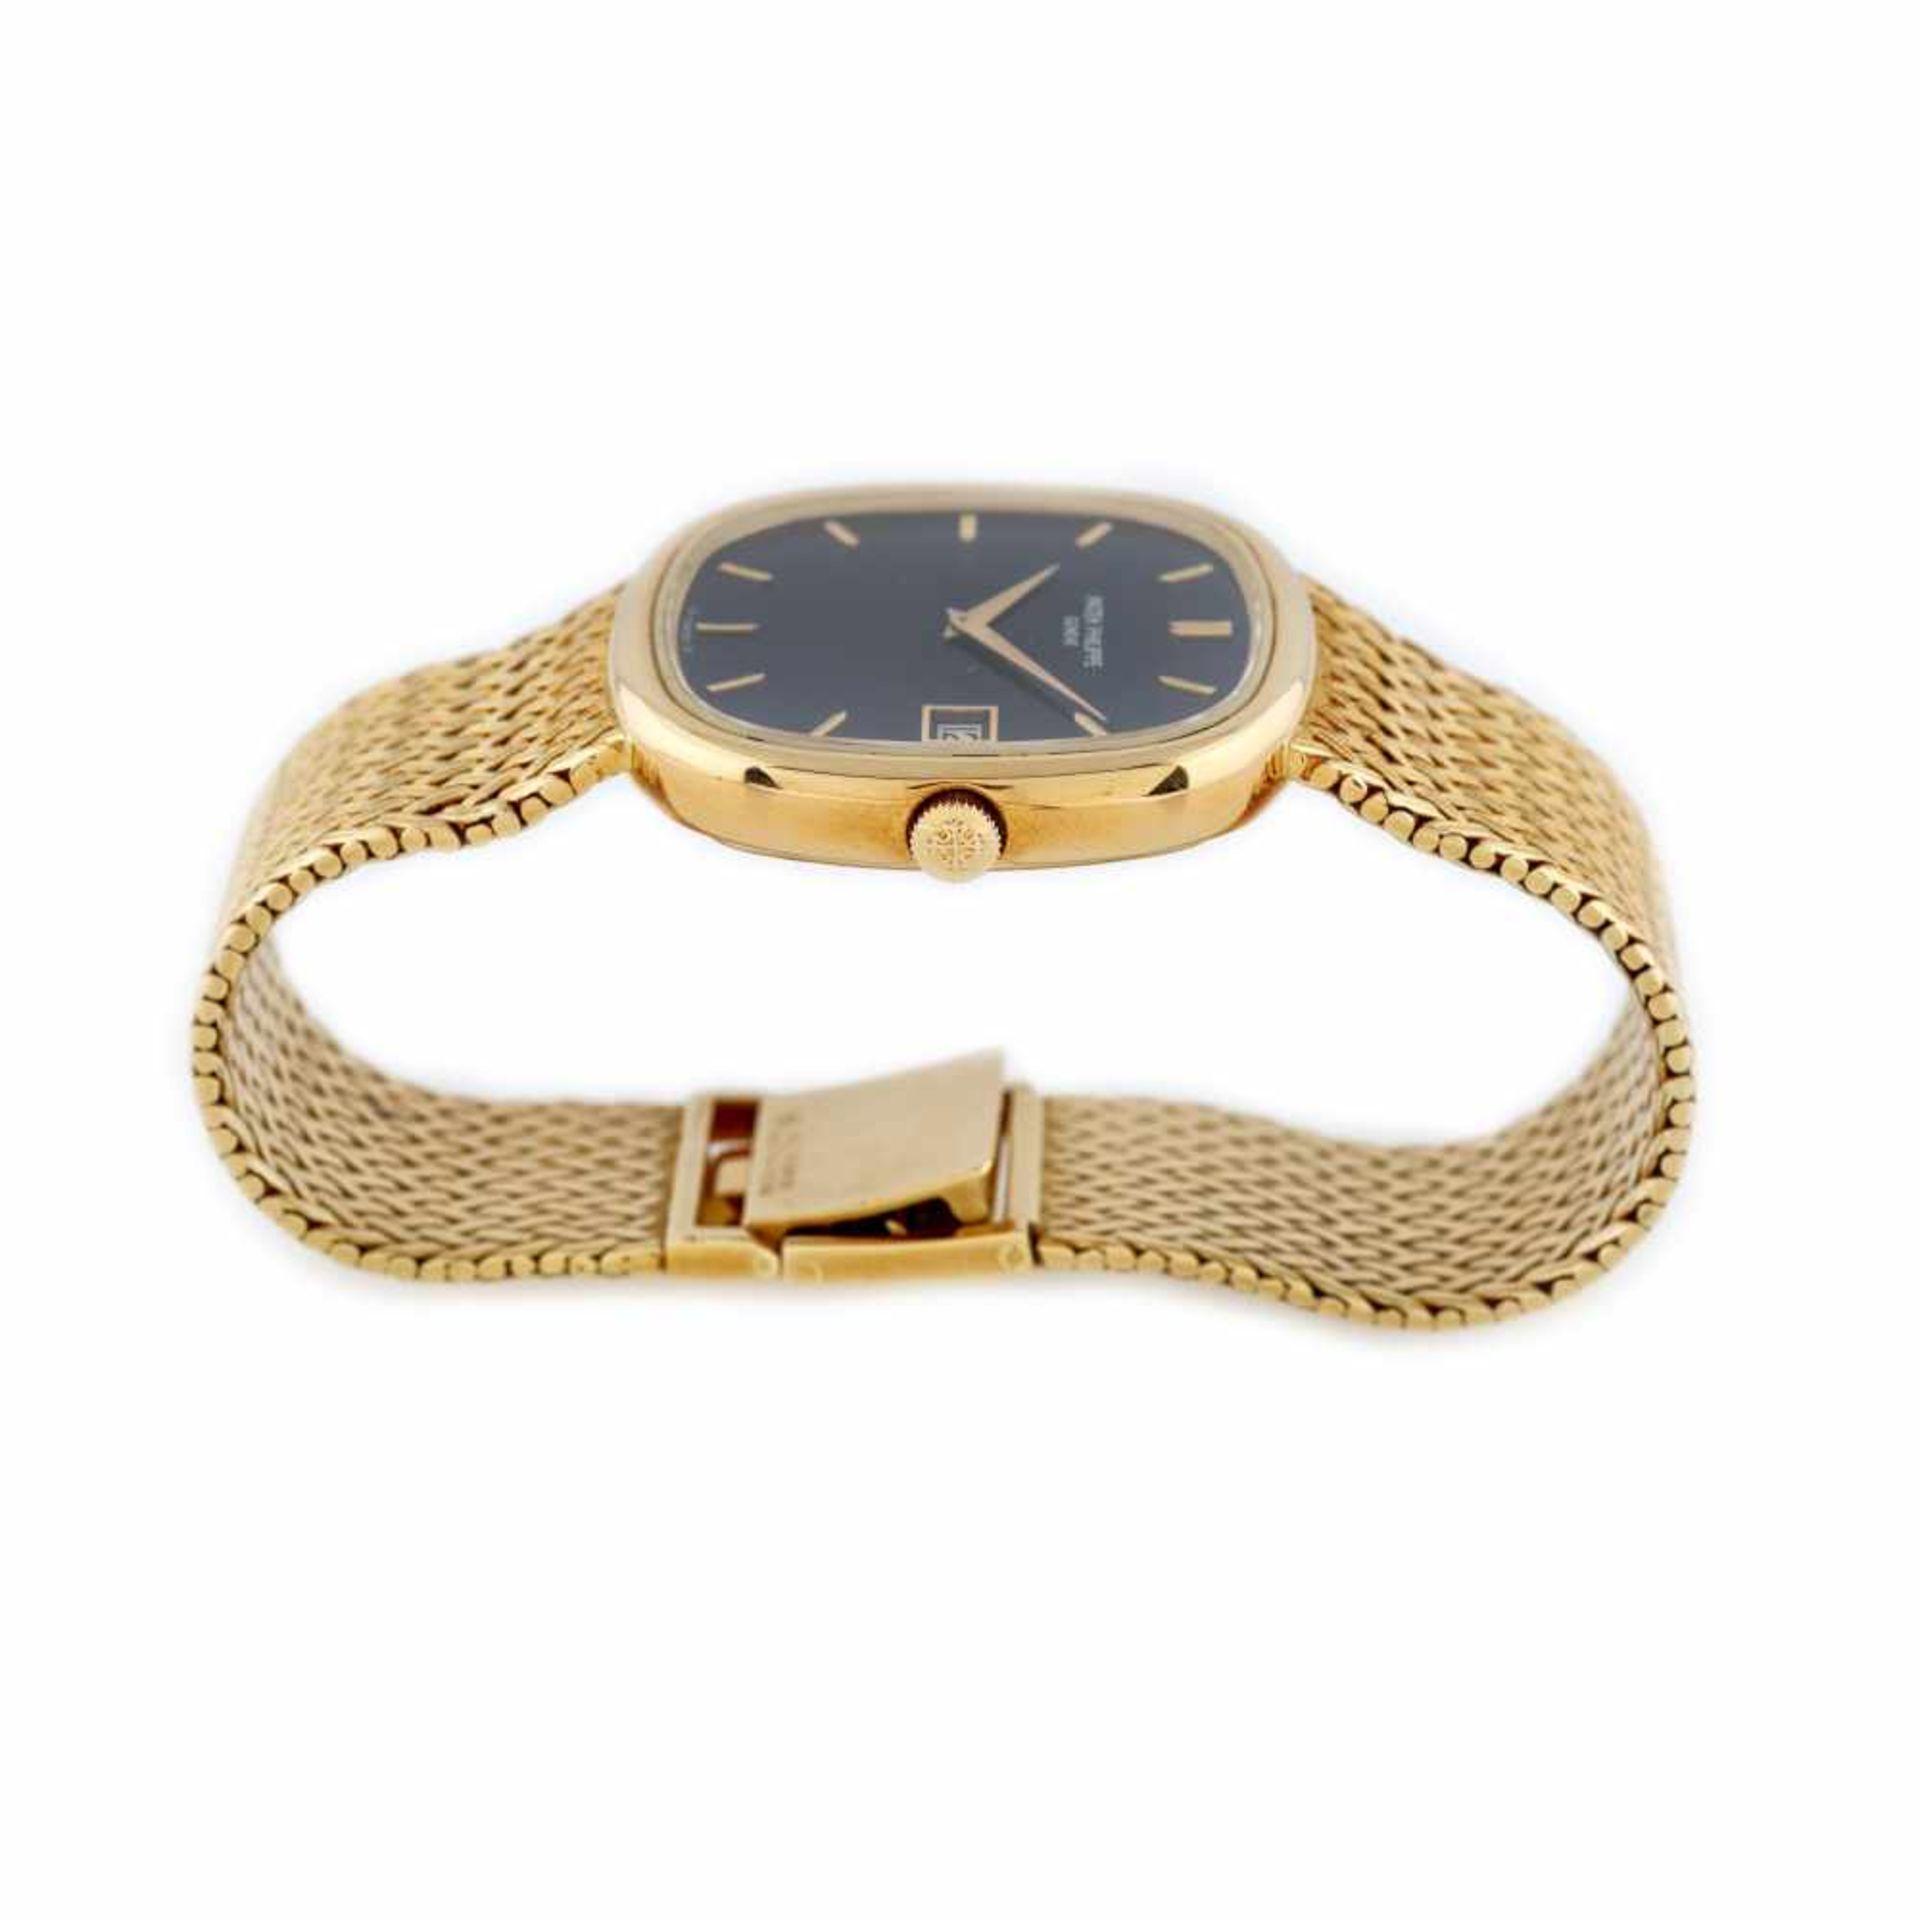 Patek Philippe Ellipse wristwatch, gold - Bild 4 aus 4